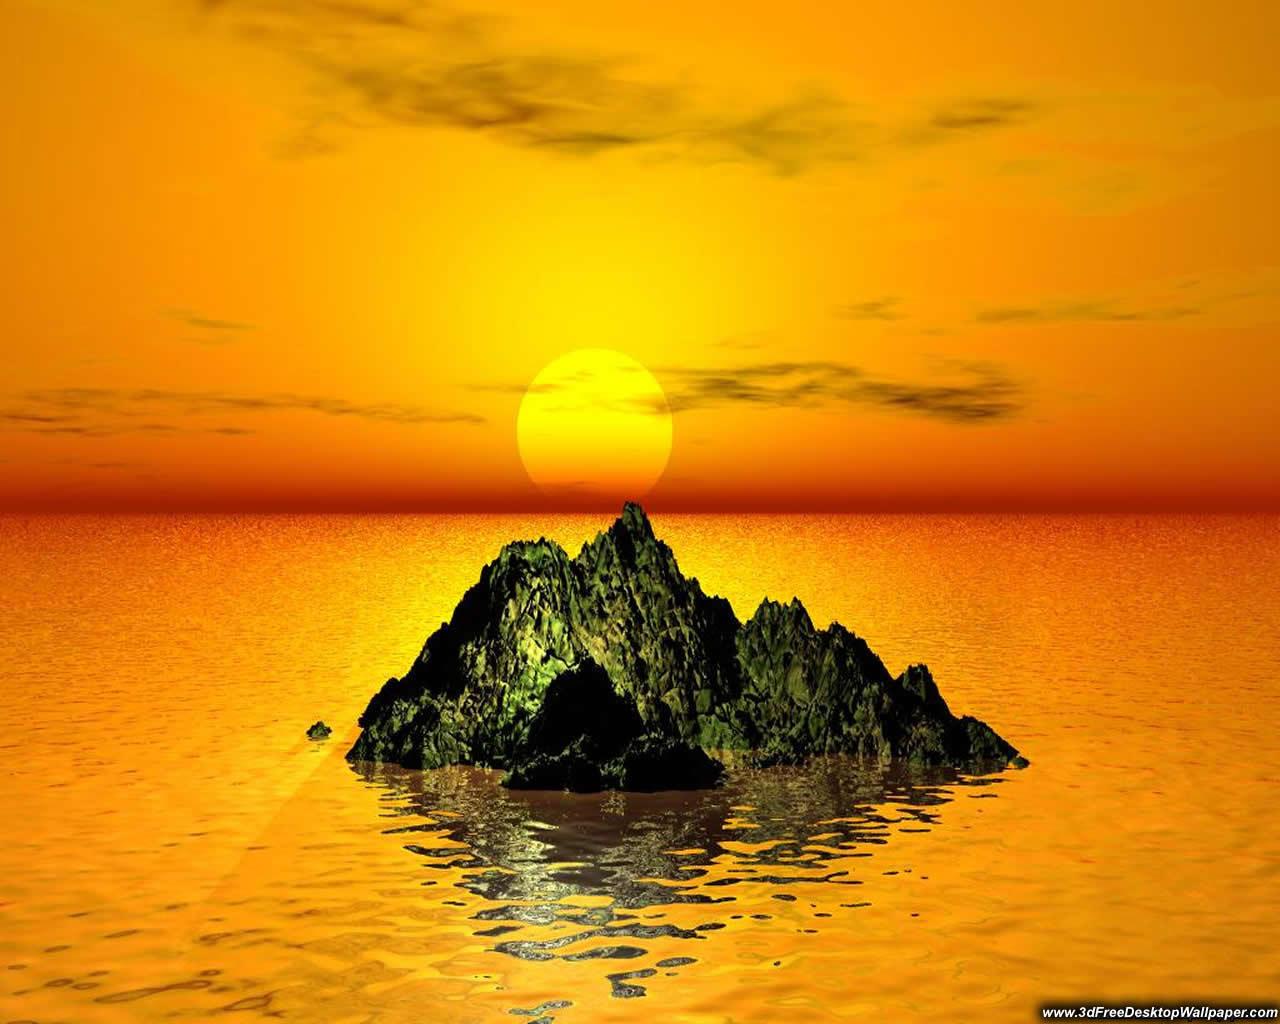 Images Online desktop wallpaper 1280x1024